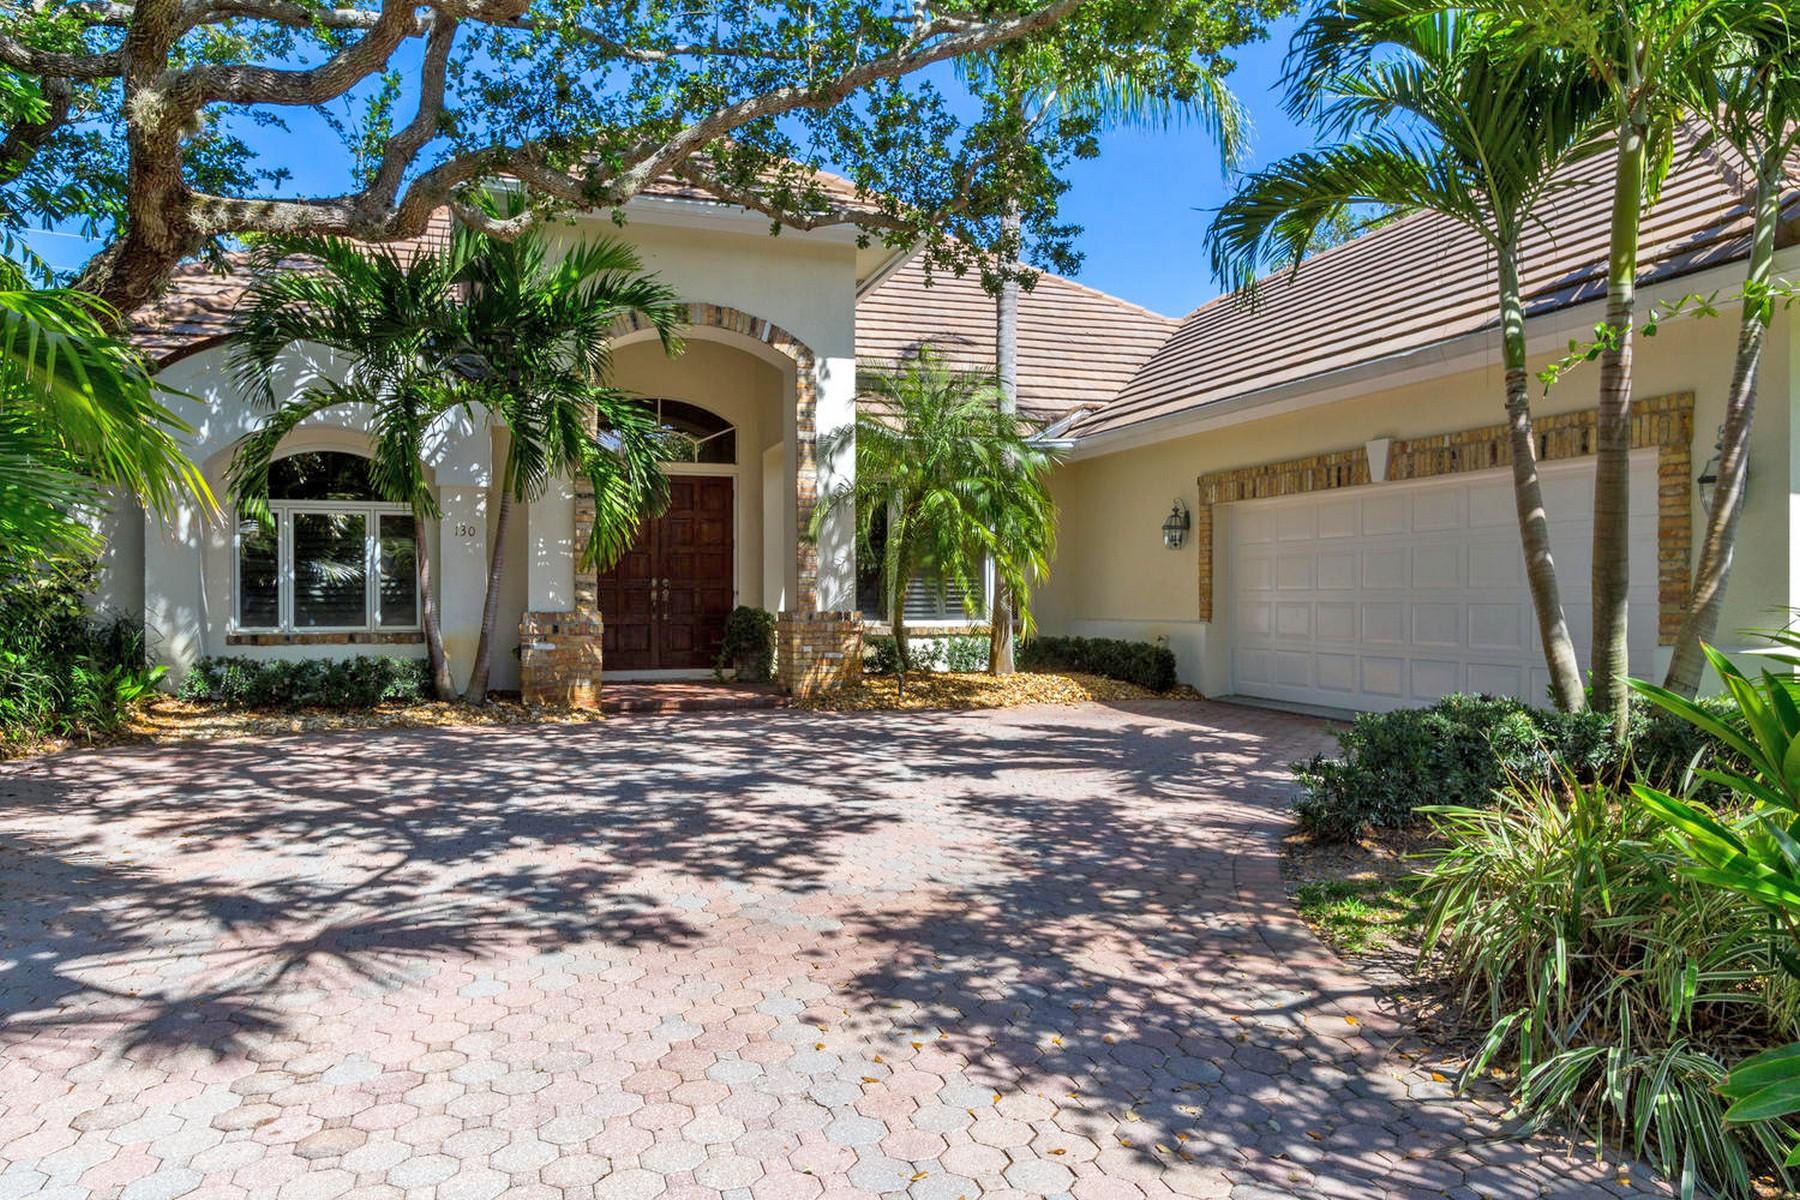 Casa para uma família para Venda às Indian River Shores Gem 130 N White Jewel Court Vero Beach, Florida, 32963 Estados Unidos